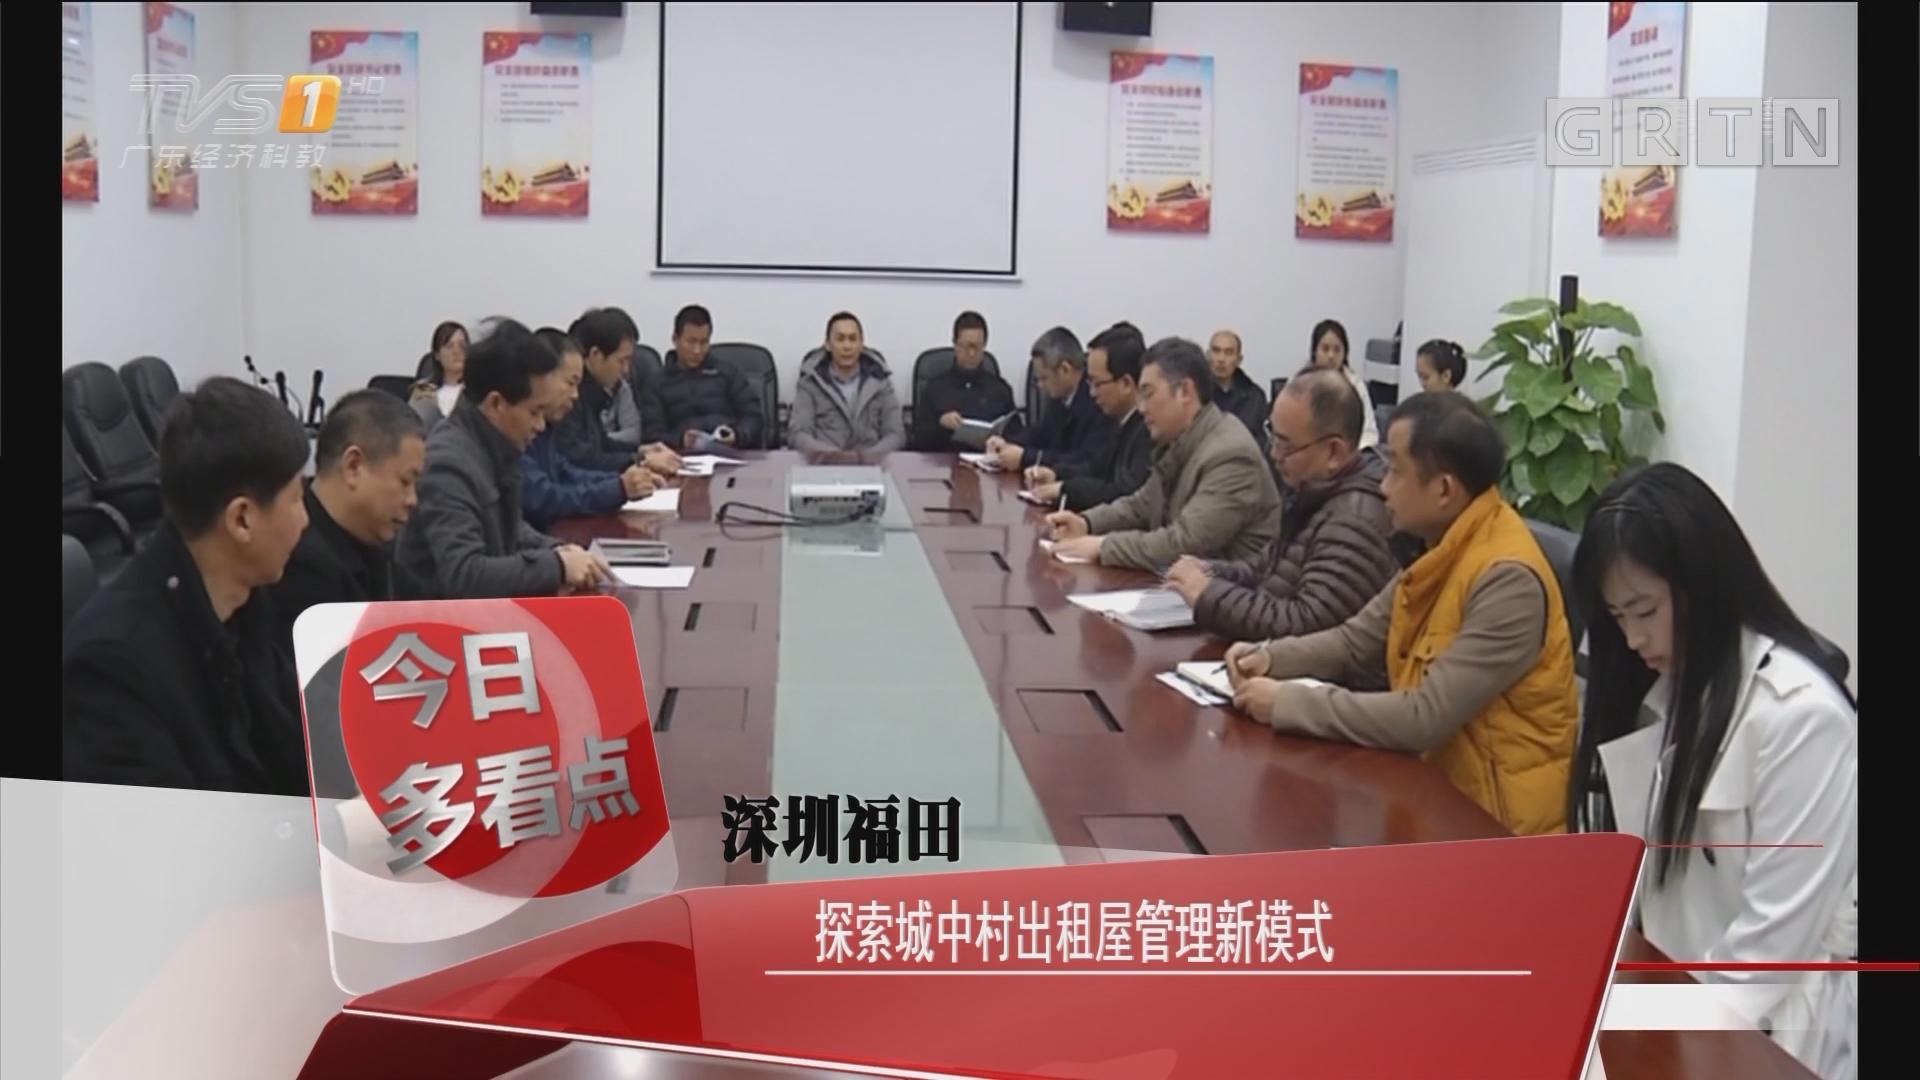 深圳福田:探索城中村出租屋管理新模式